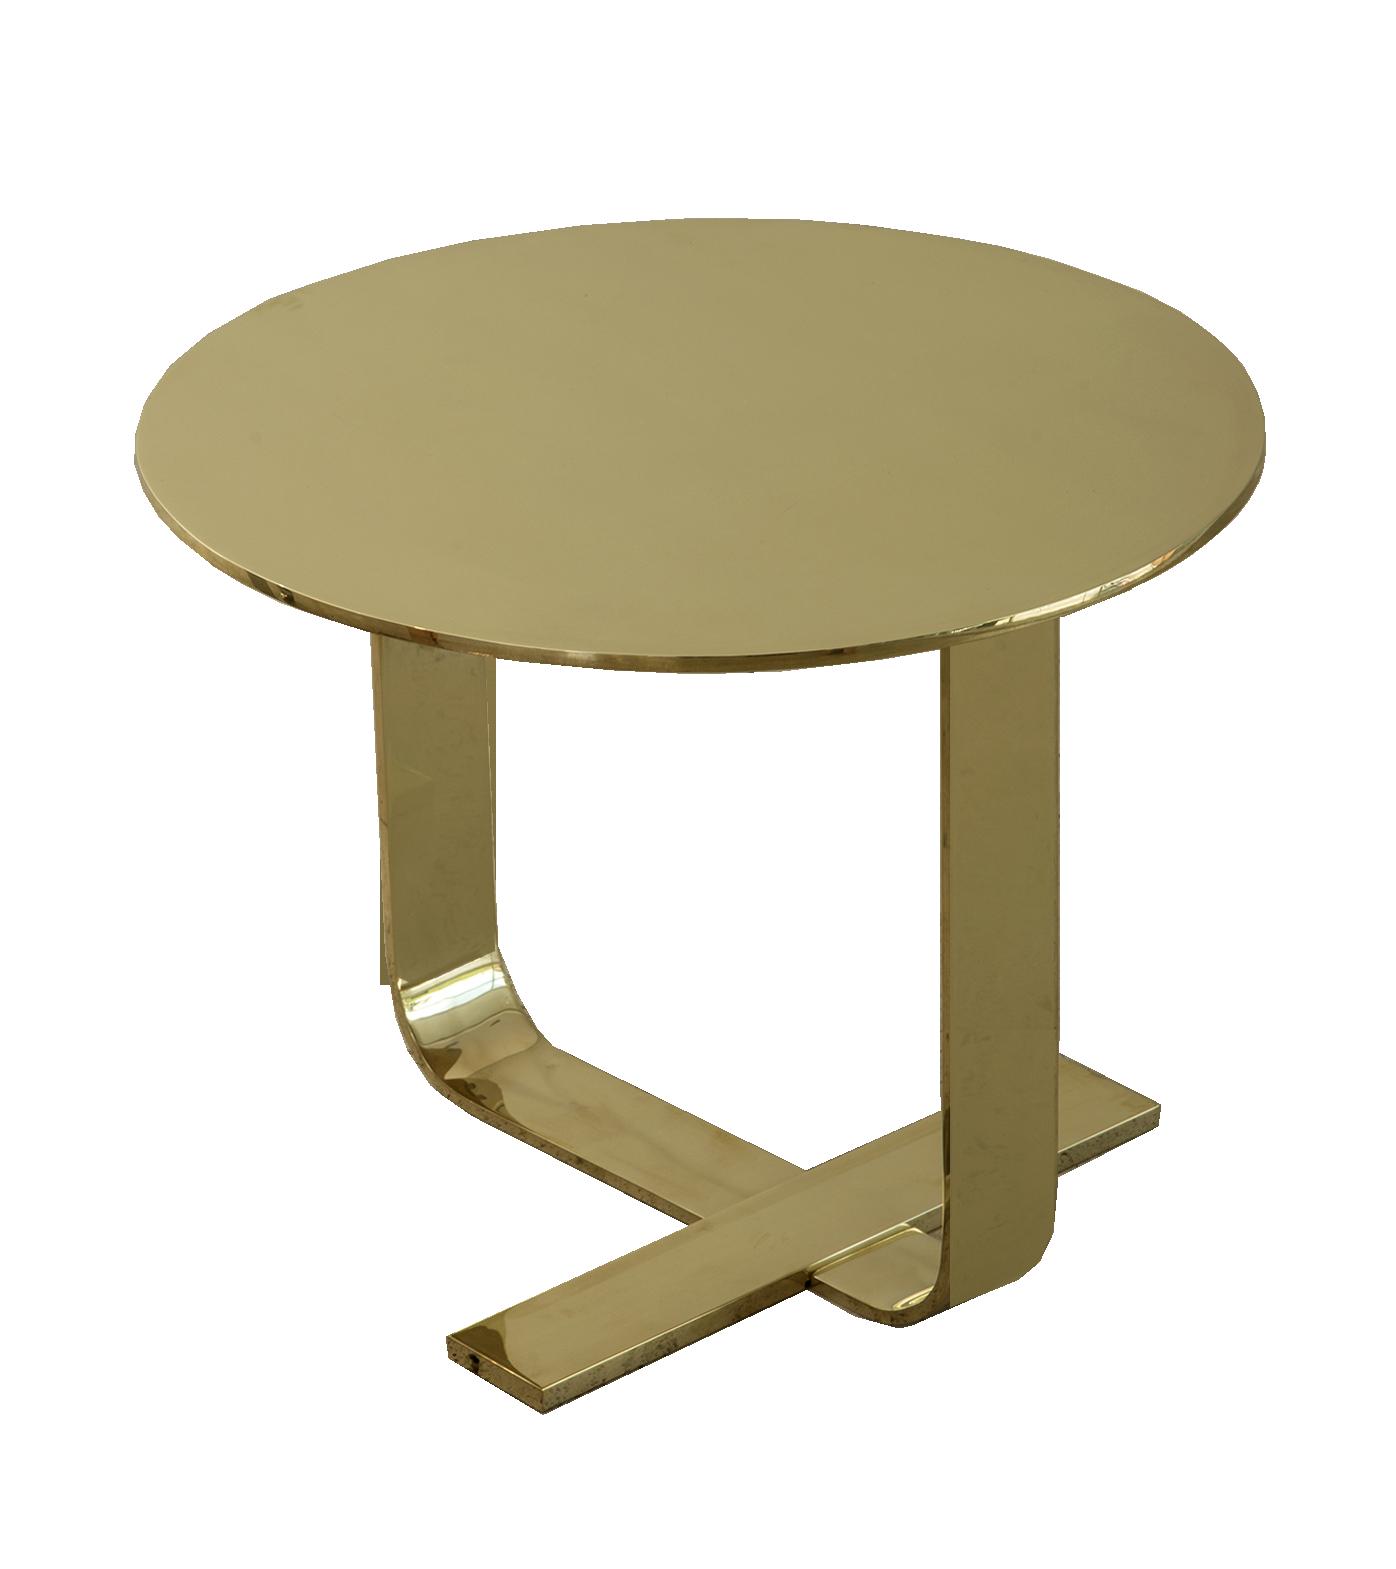 """LINHA CLAIRE - A frase """"é preciso fazer cantar o ponto de apoio"""" de Auguste Perret foi inspiração para o design da linha Claire. Os modelos dessa linha têm como objetivo transmitir minimalismo eequilíbrio entre simples formas geométricas e ângulos."""